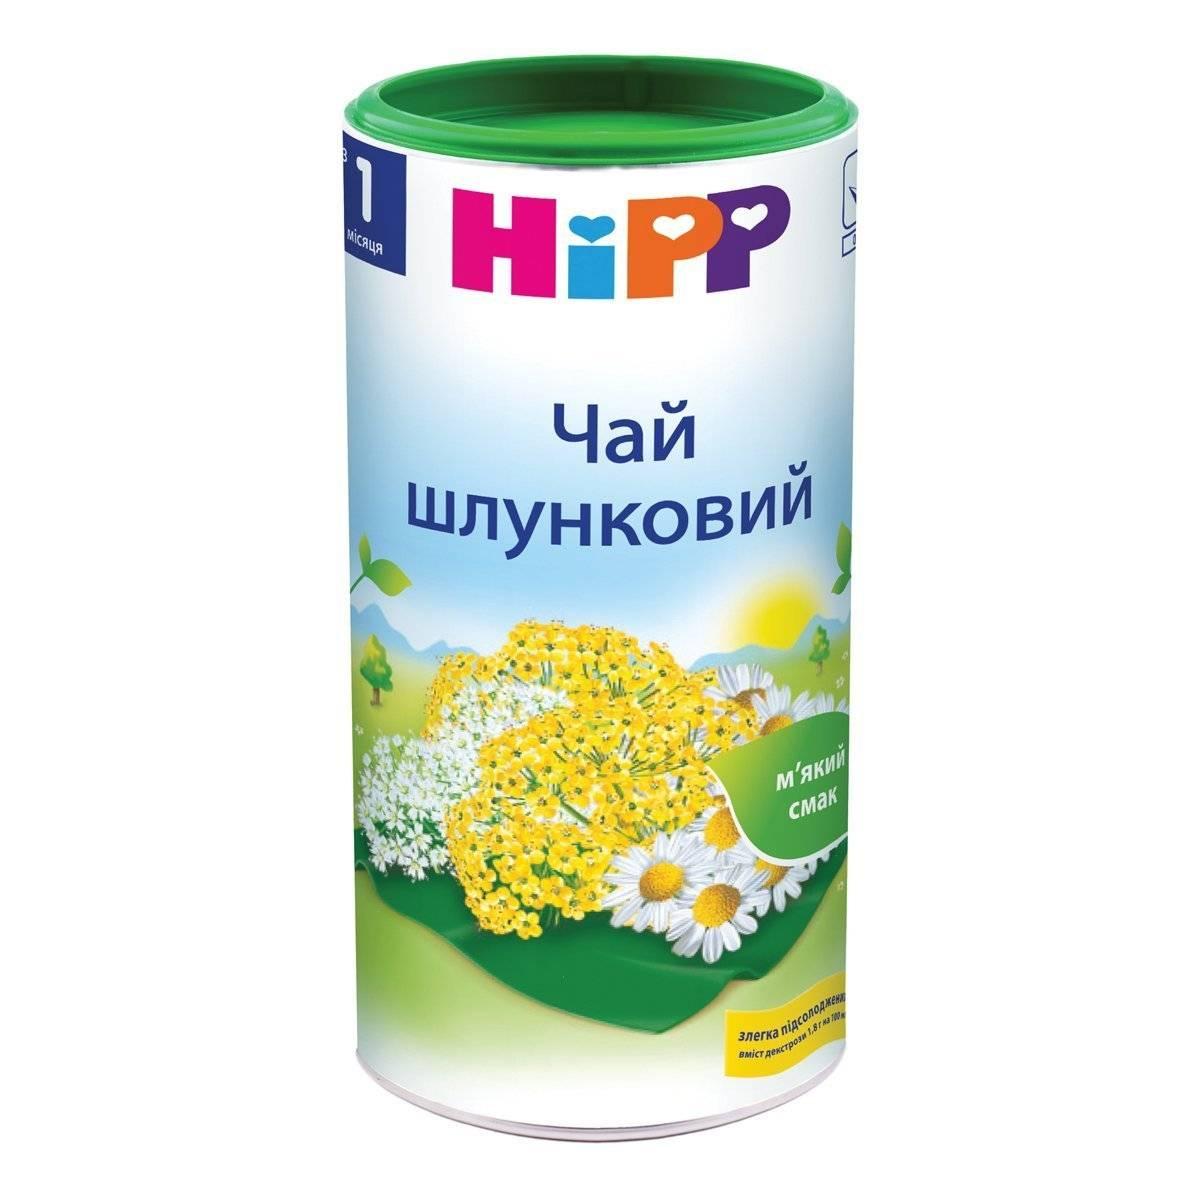 Чай хипп с фенхелем: польза для ребенка